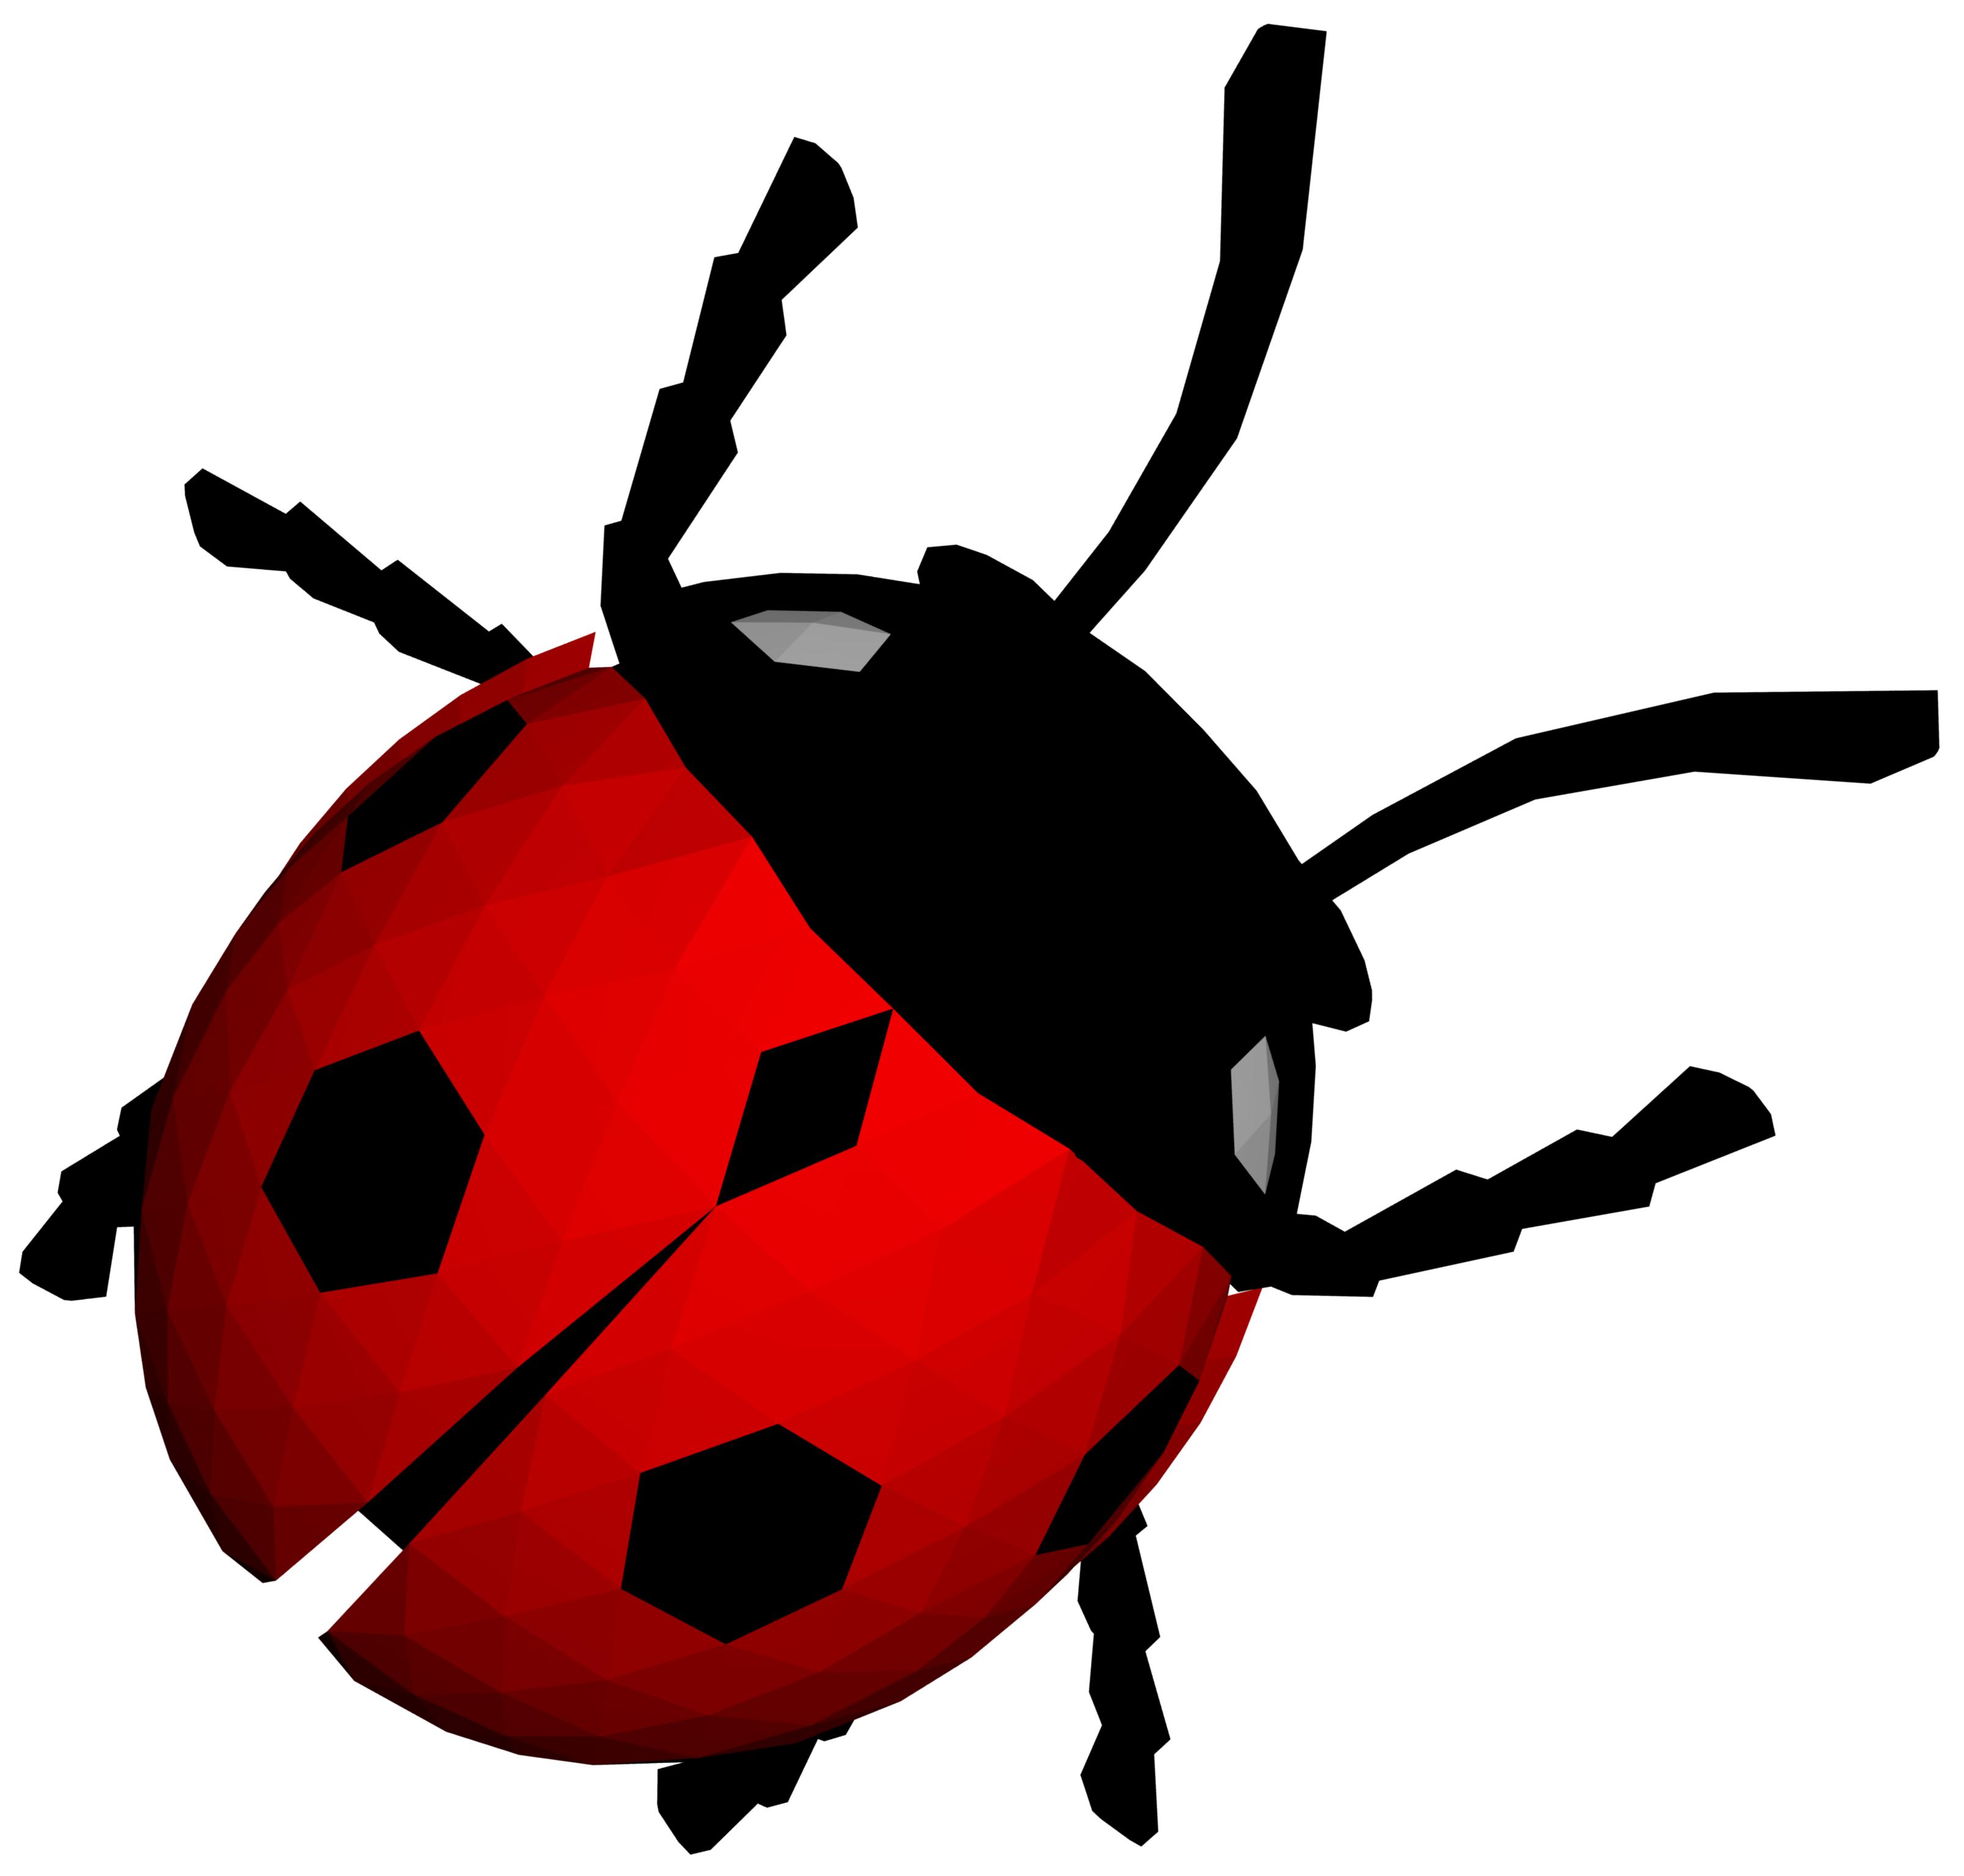 ladybug png image free download